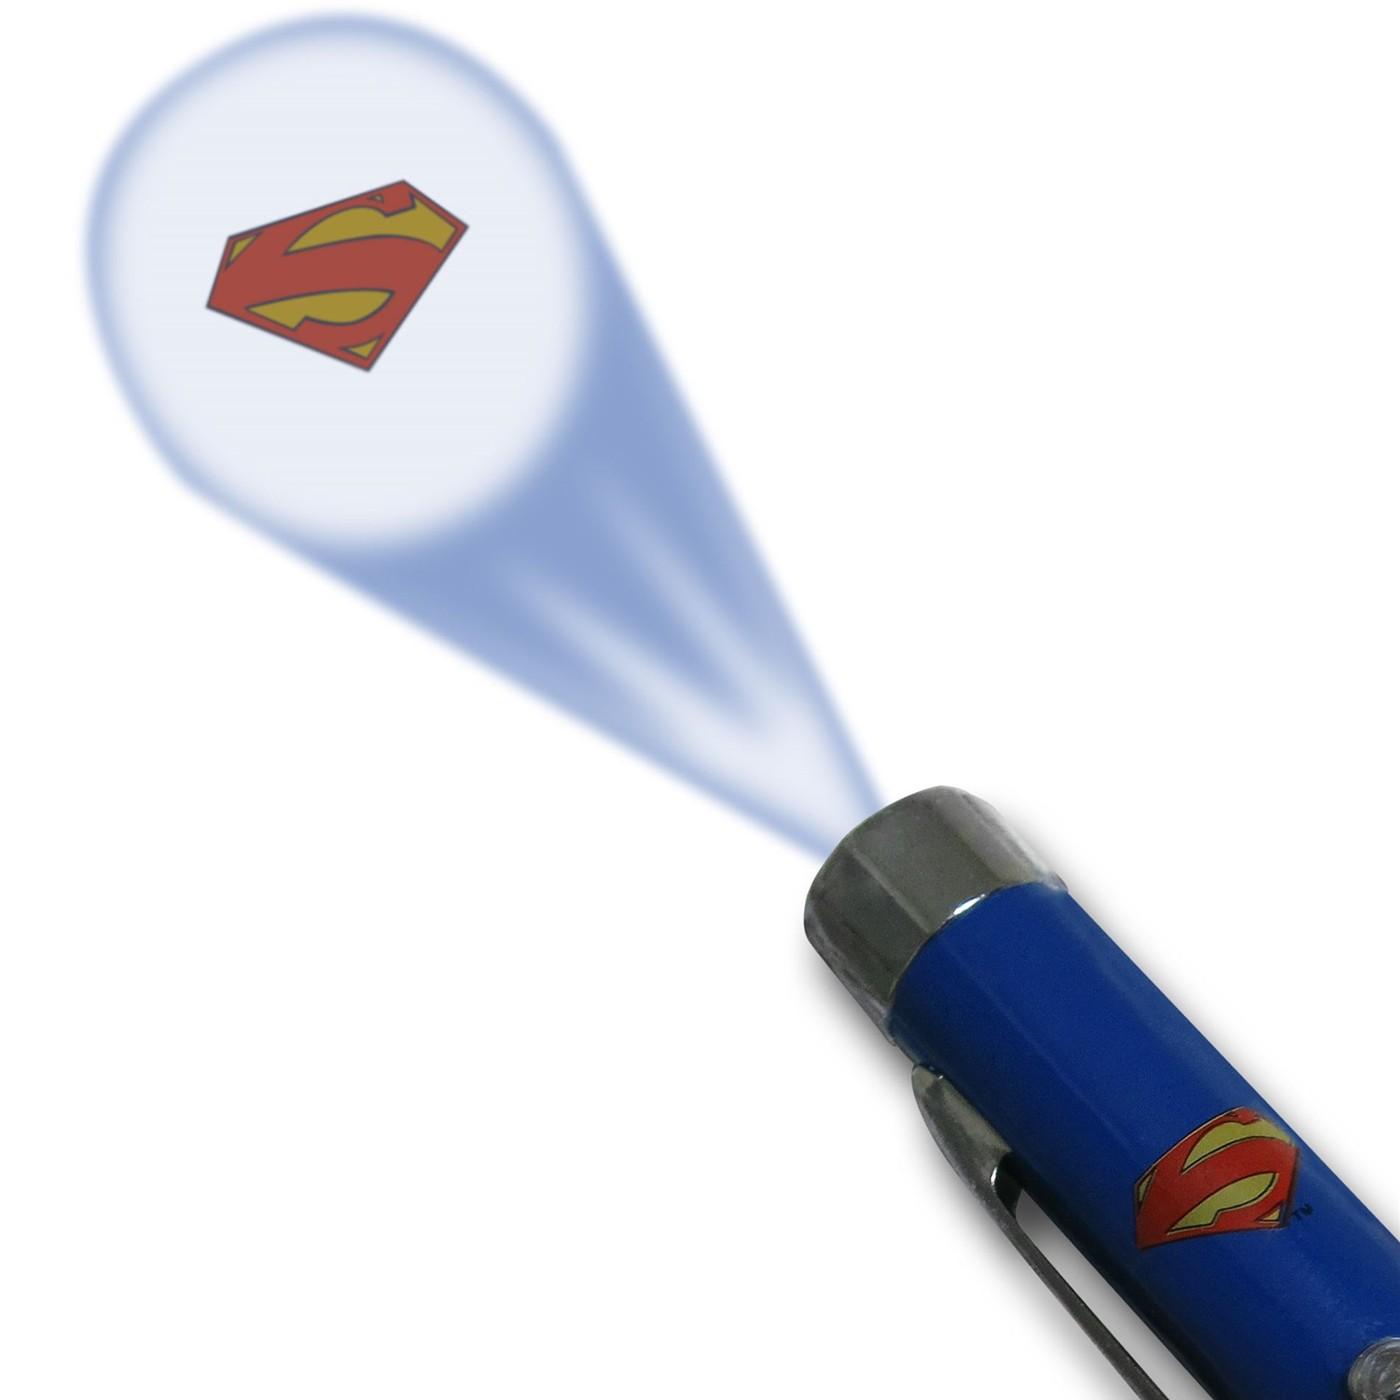 Superman Symbol Projector Pen